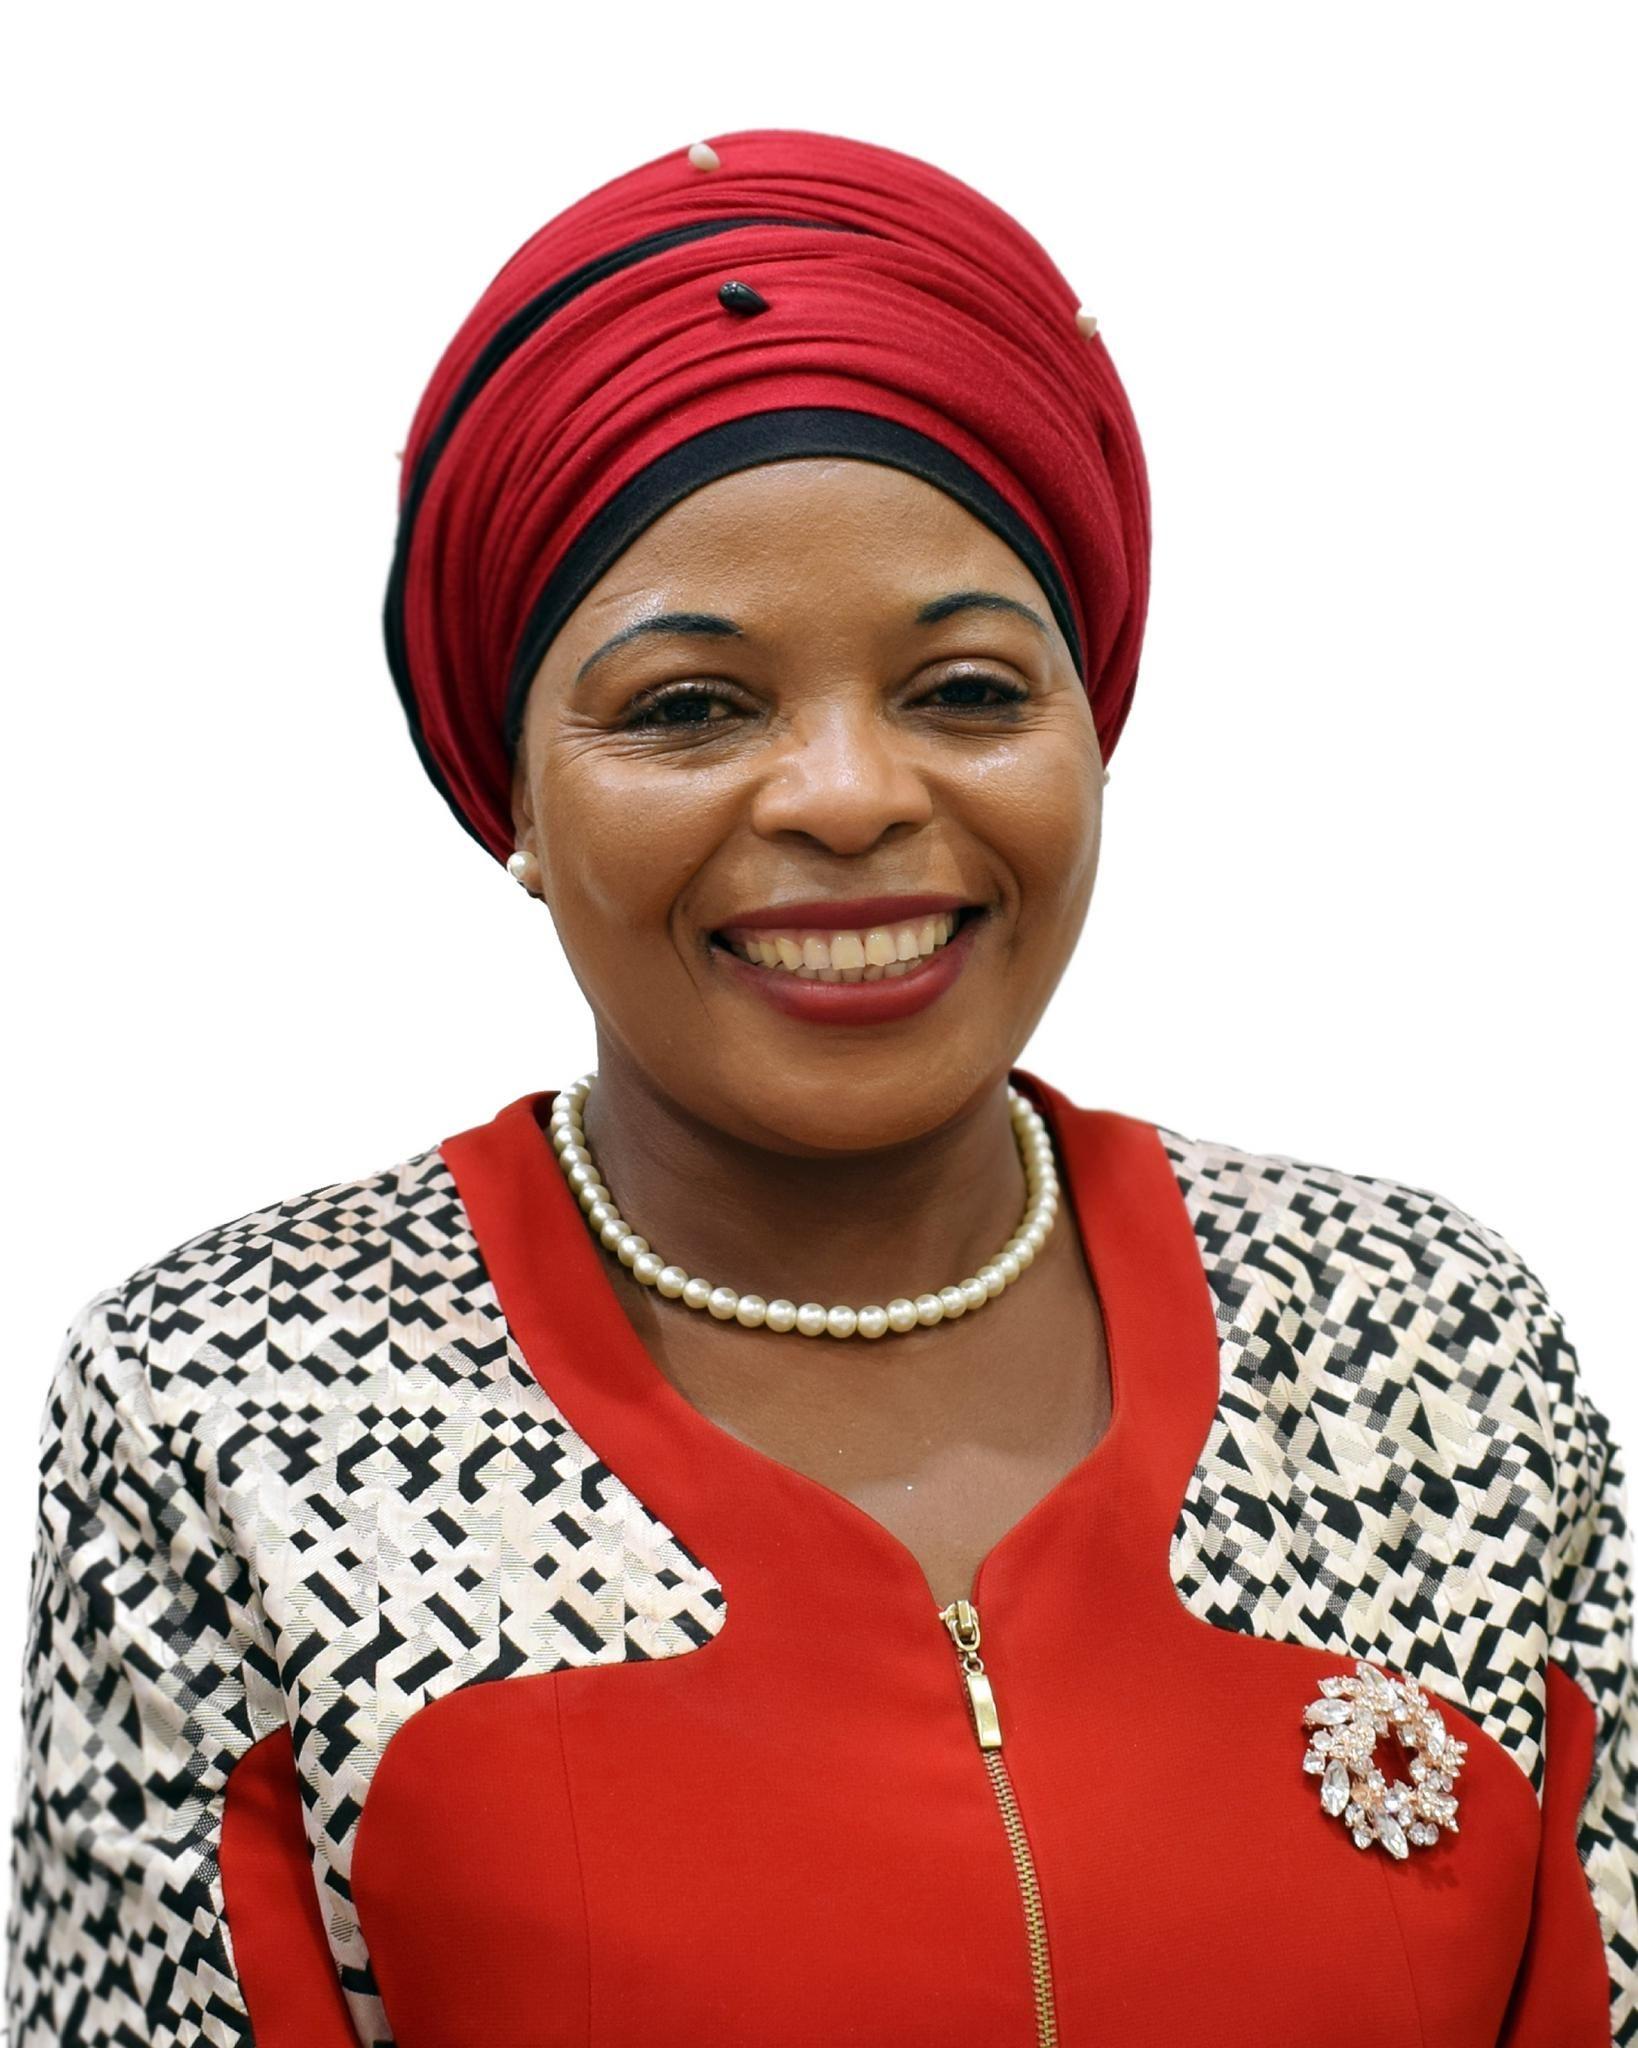 Sindi Tshabalala